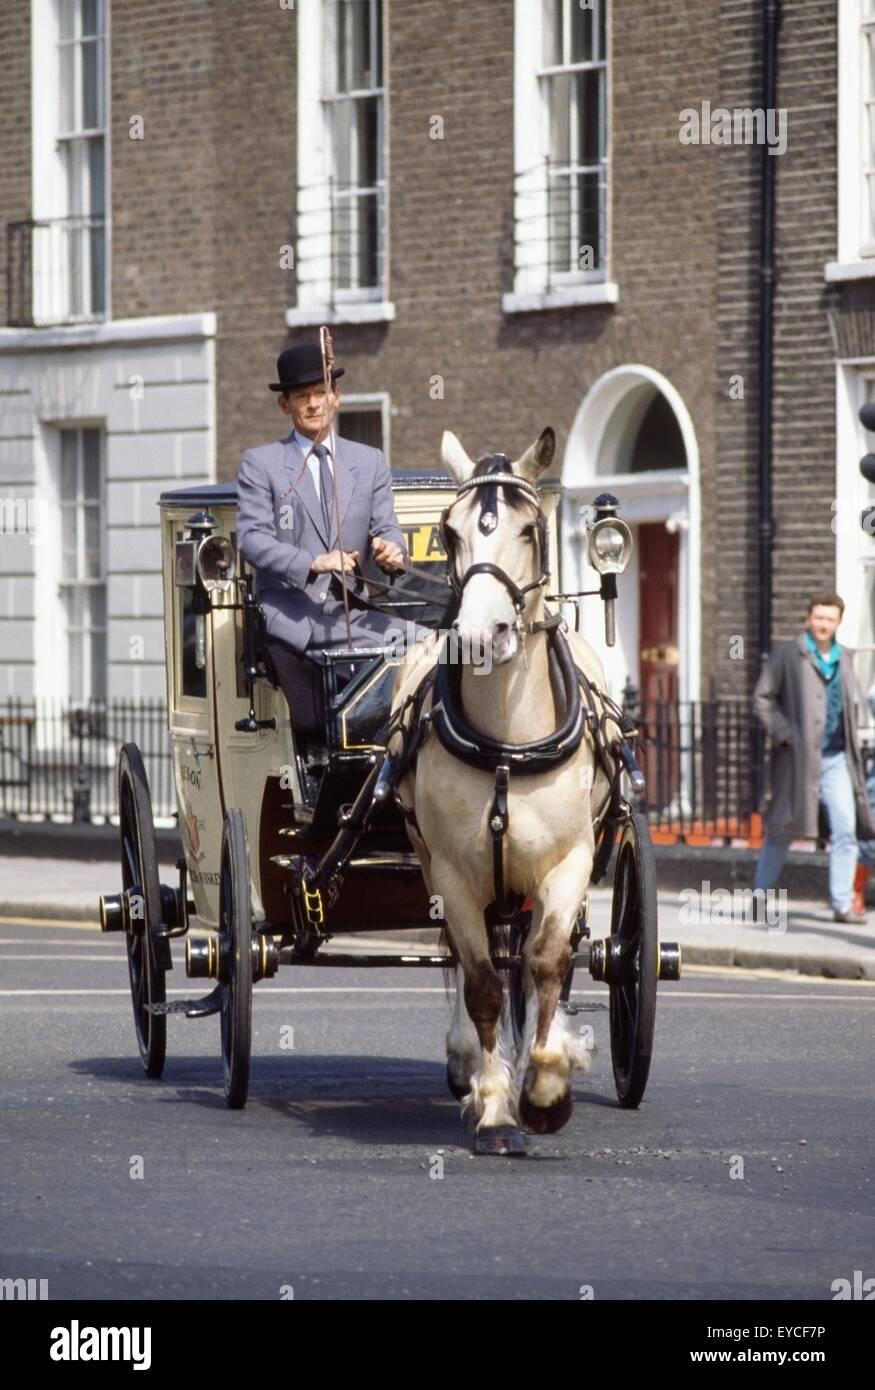 Altmodische Pferd und Wagen, Stadt Dublin, County Dublin, Irland Stockbild